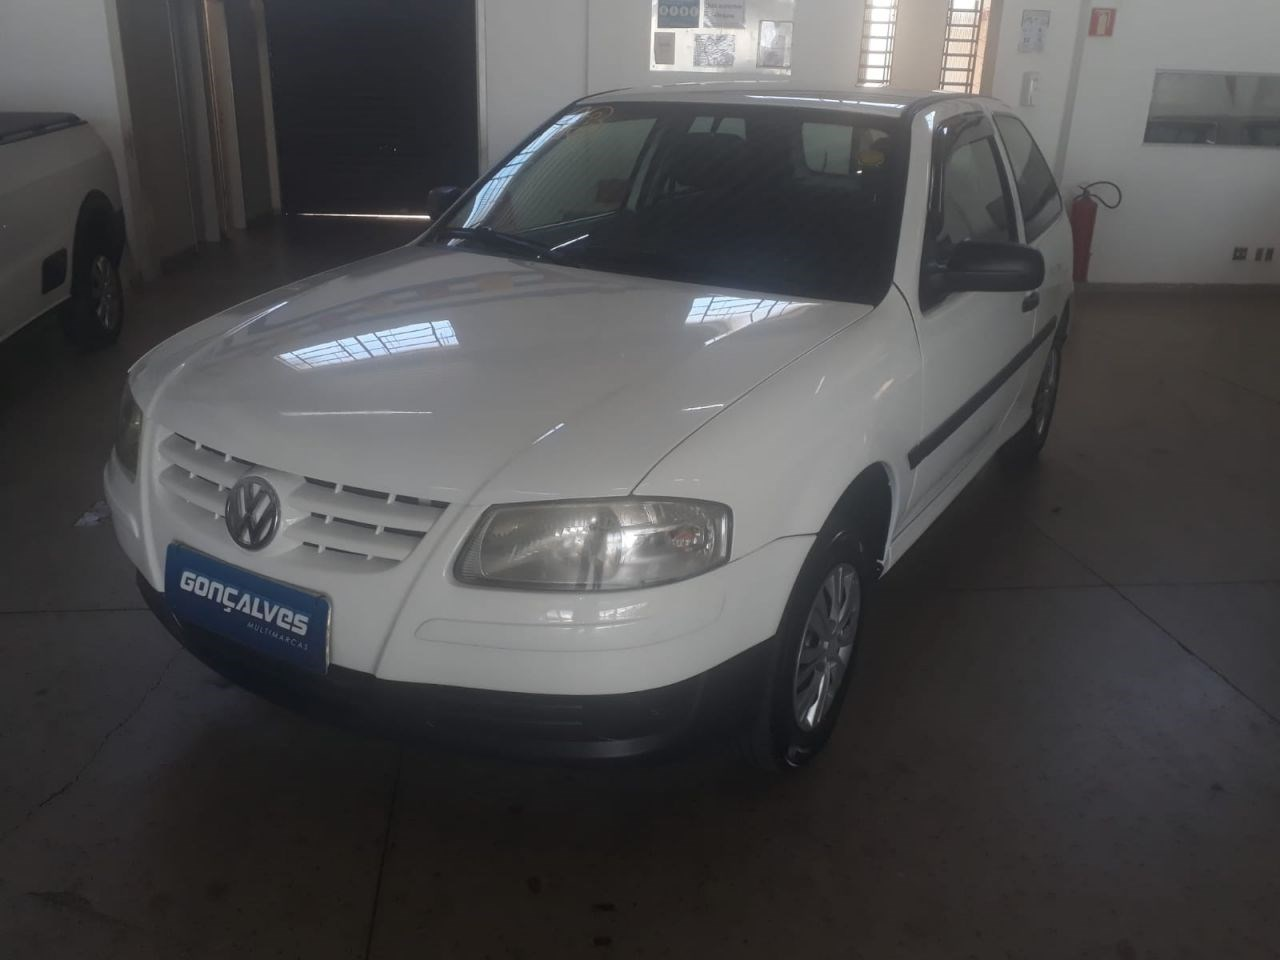 //www.autoline.com.br/carro/volkswagen/gol-10-8v-flex-2p-manual/2013/piracicaba-sp/15507631